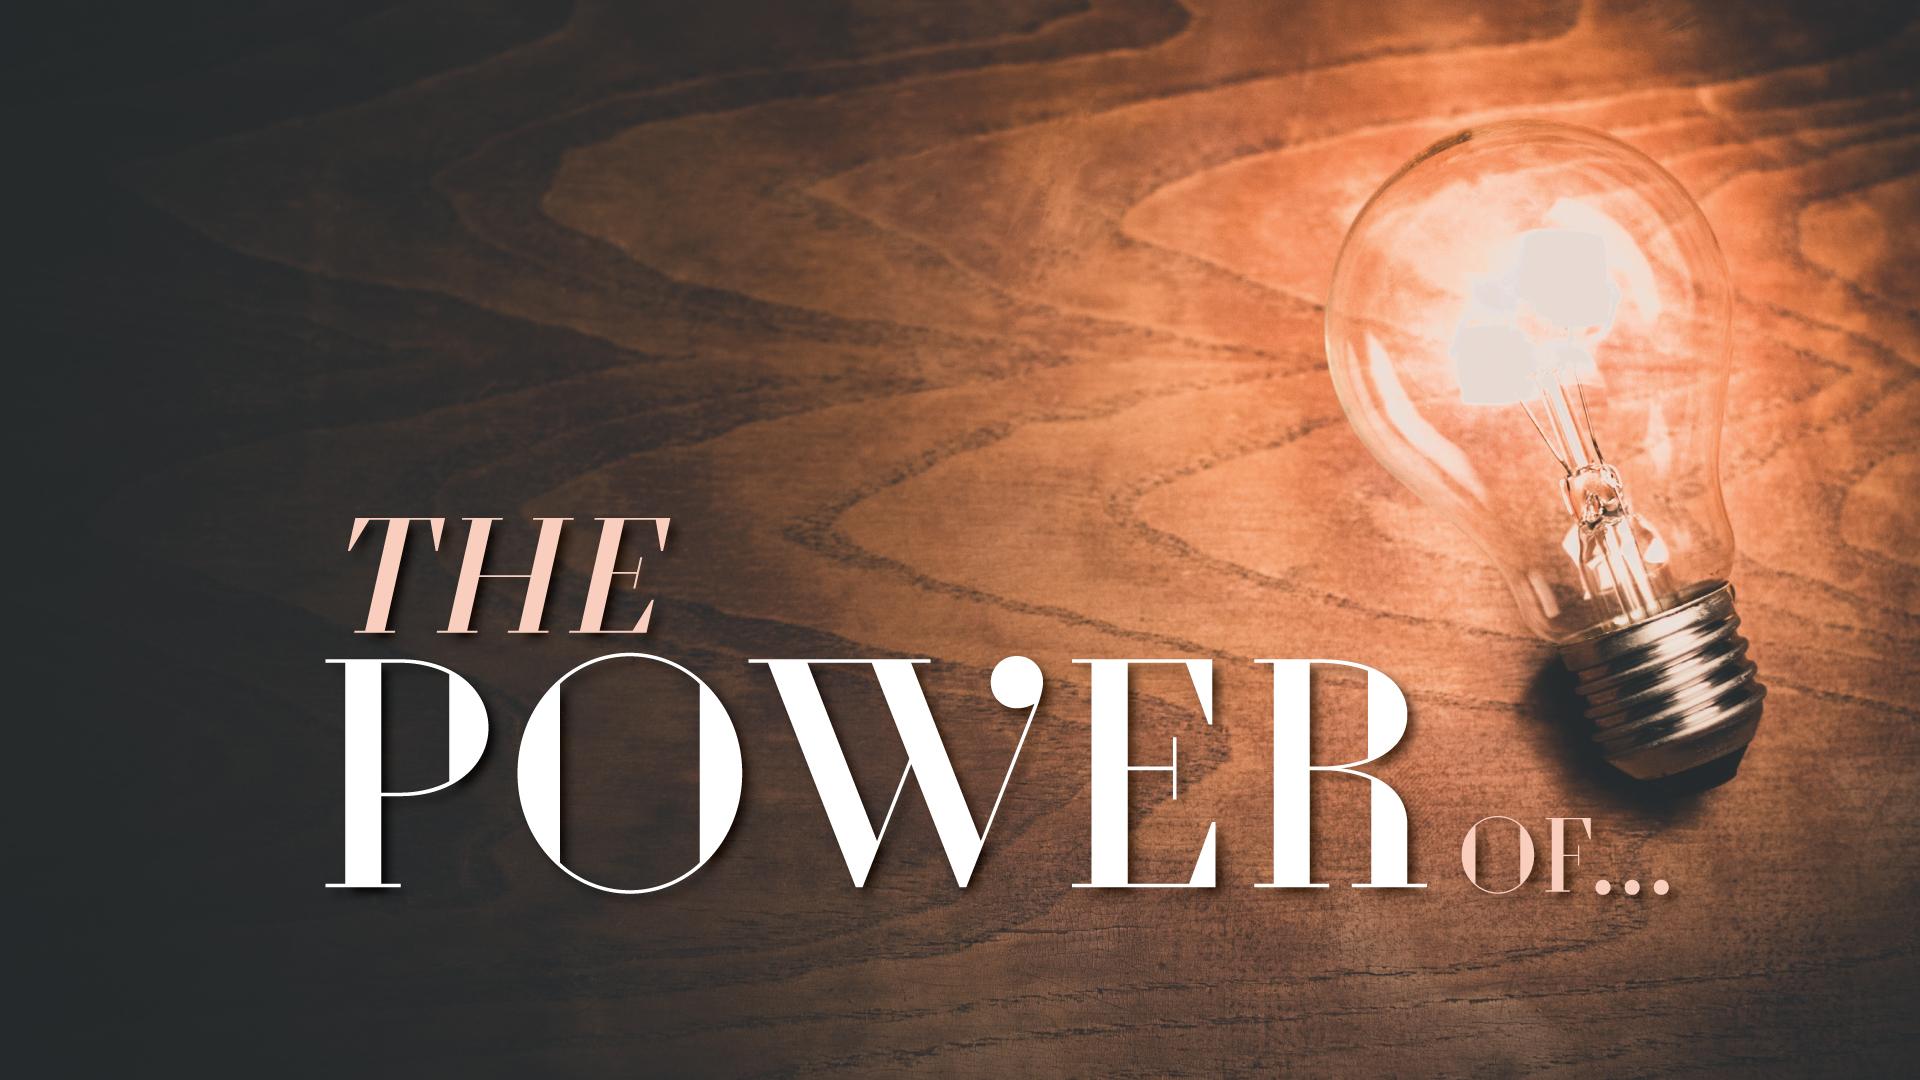 THE_POWER_OF.jpg